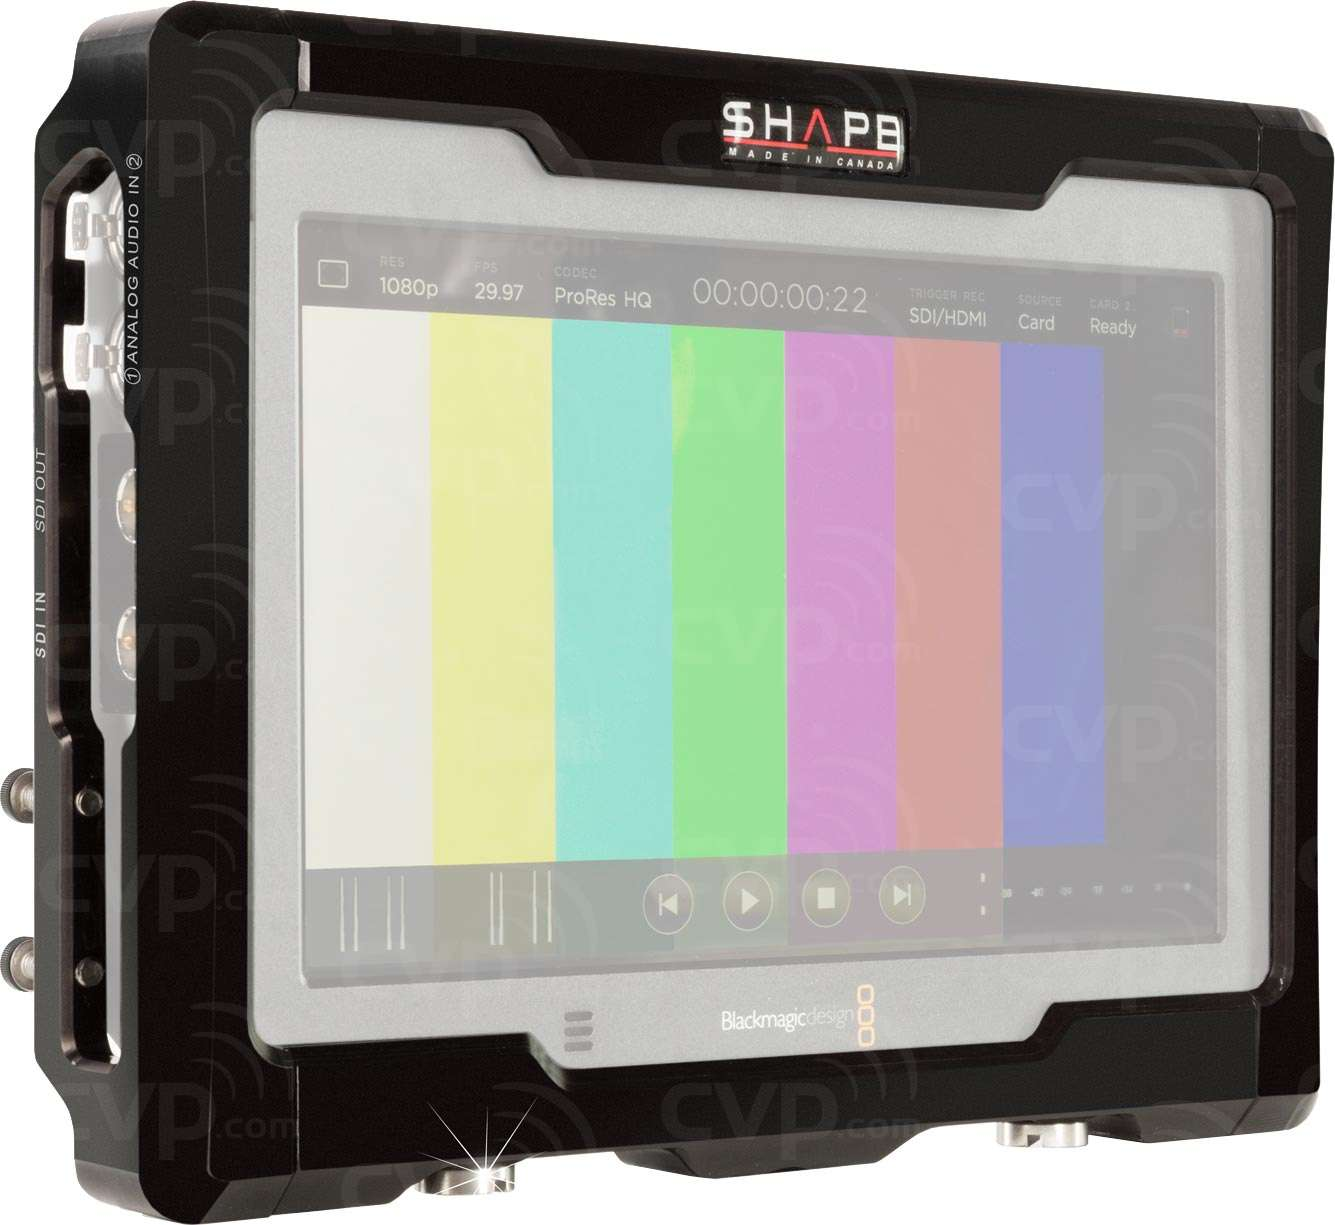 blackmagic video assist  Buy - Shape VA4KCAGE (VA4K-CAGE) Blackmagic Video Assist 4K Cage